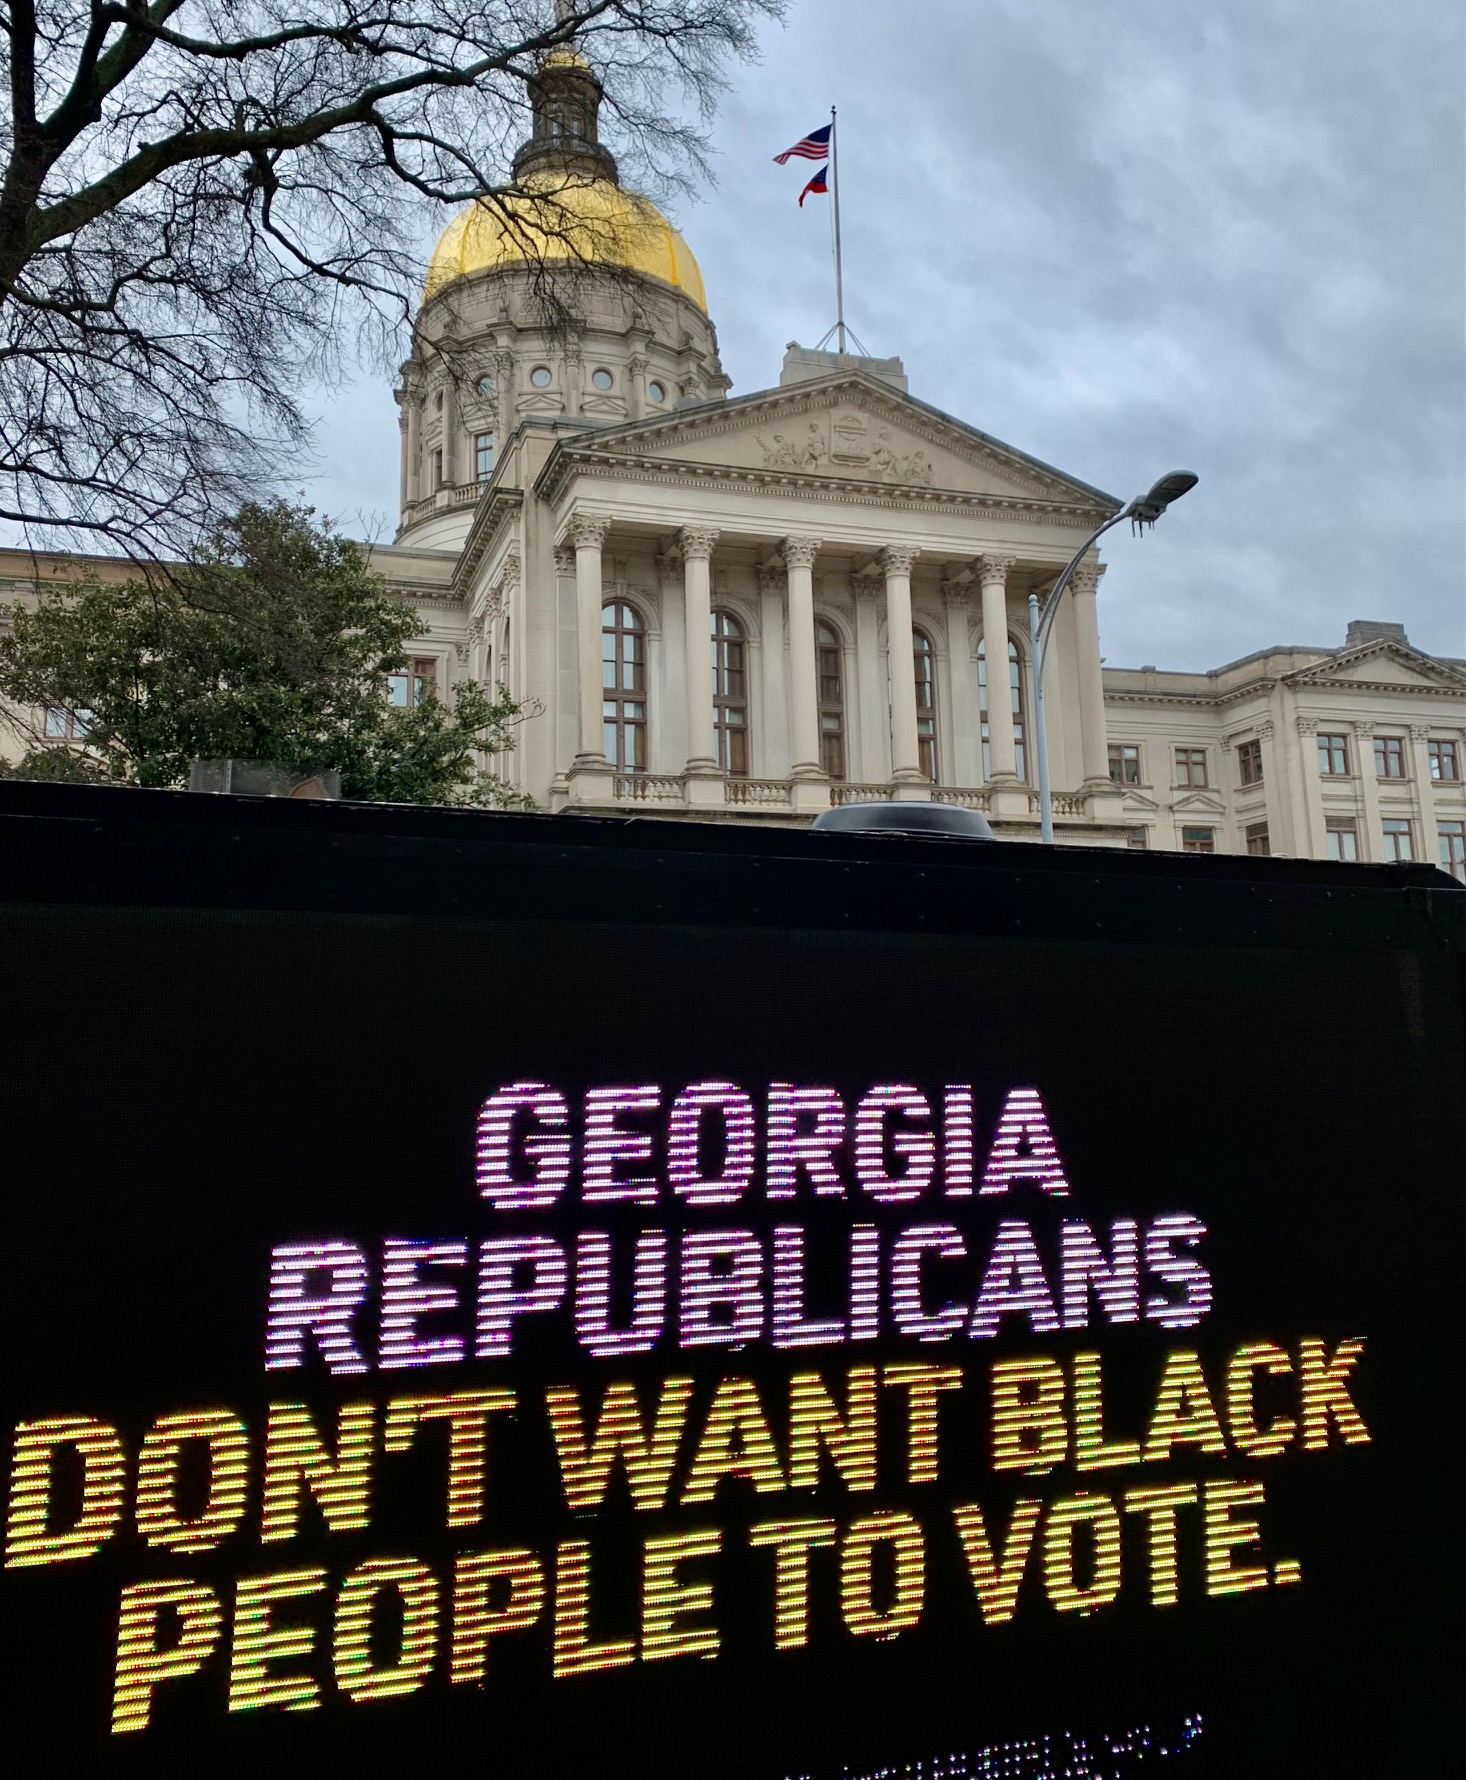 VotingProtest_26